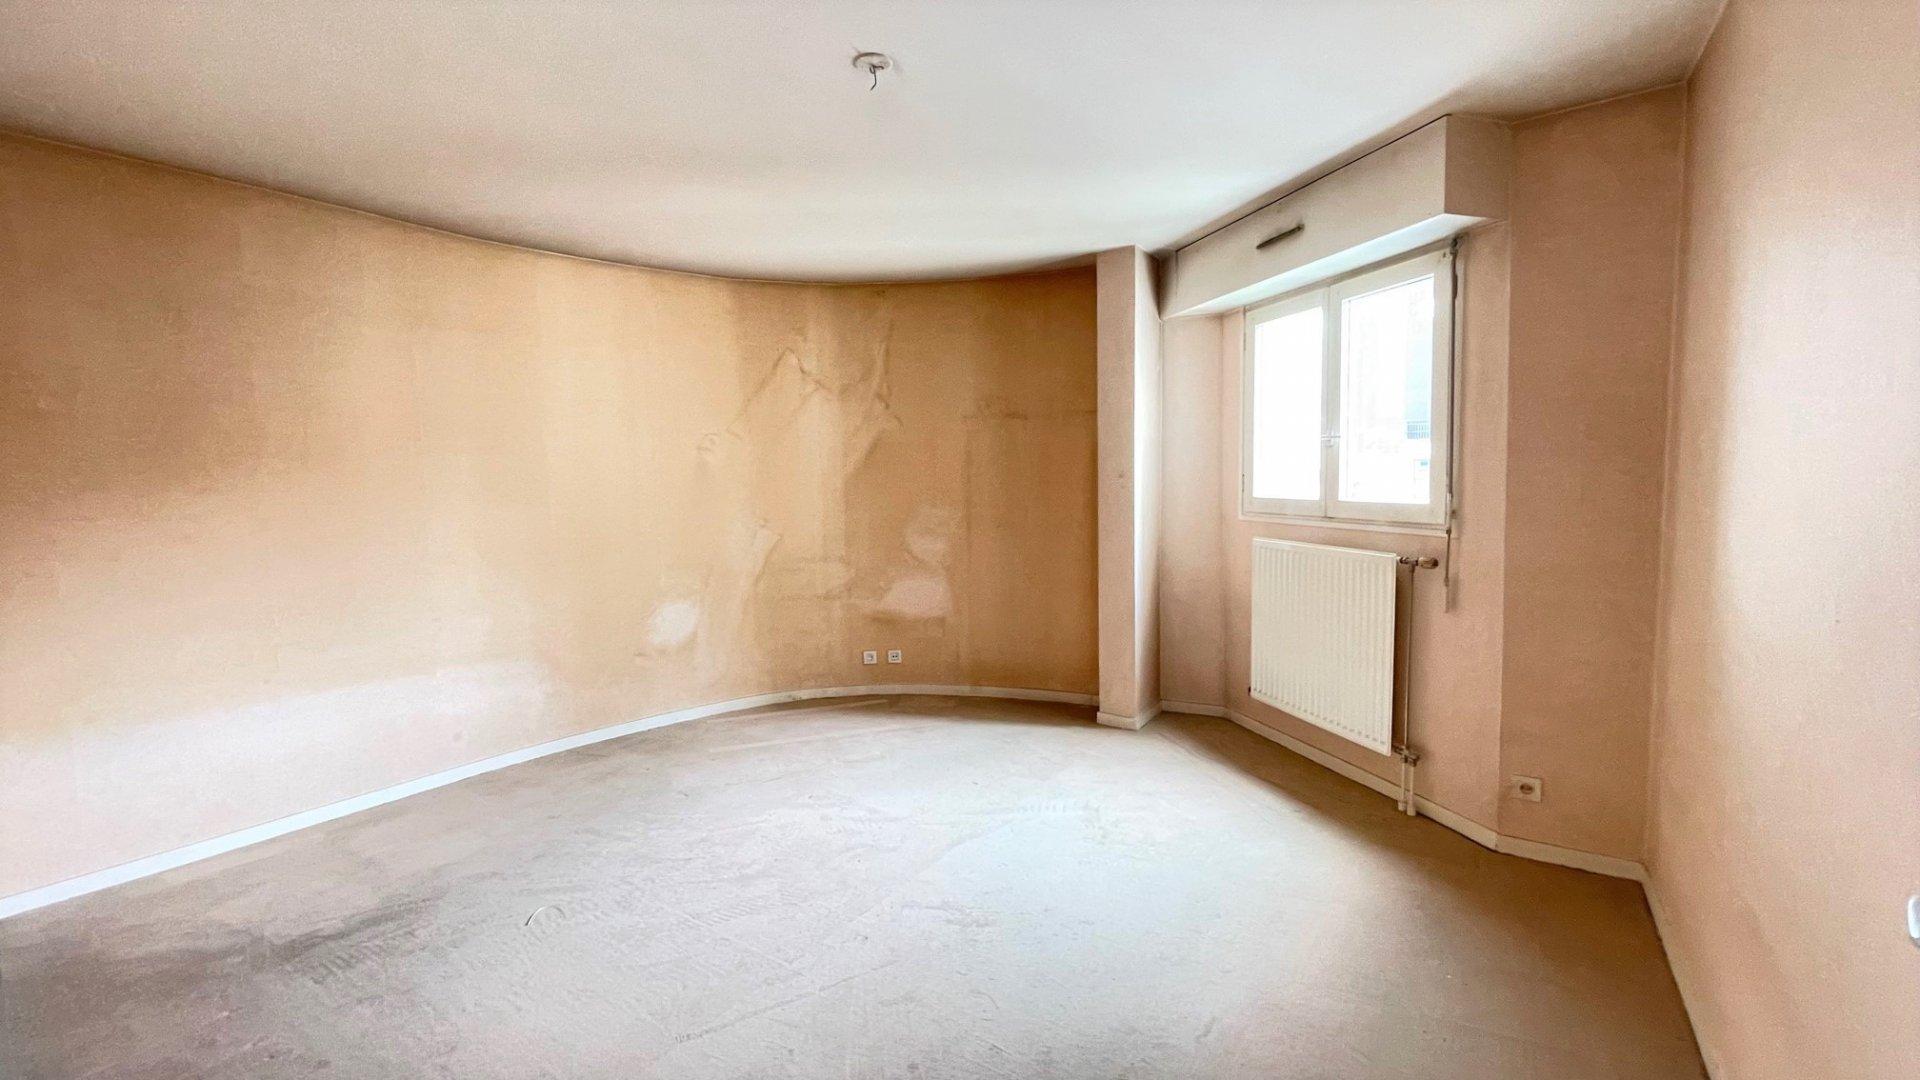 Courbevoie, 5 pièces 110 m² à rénover